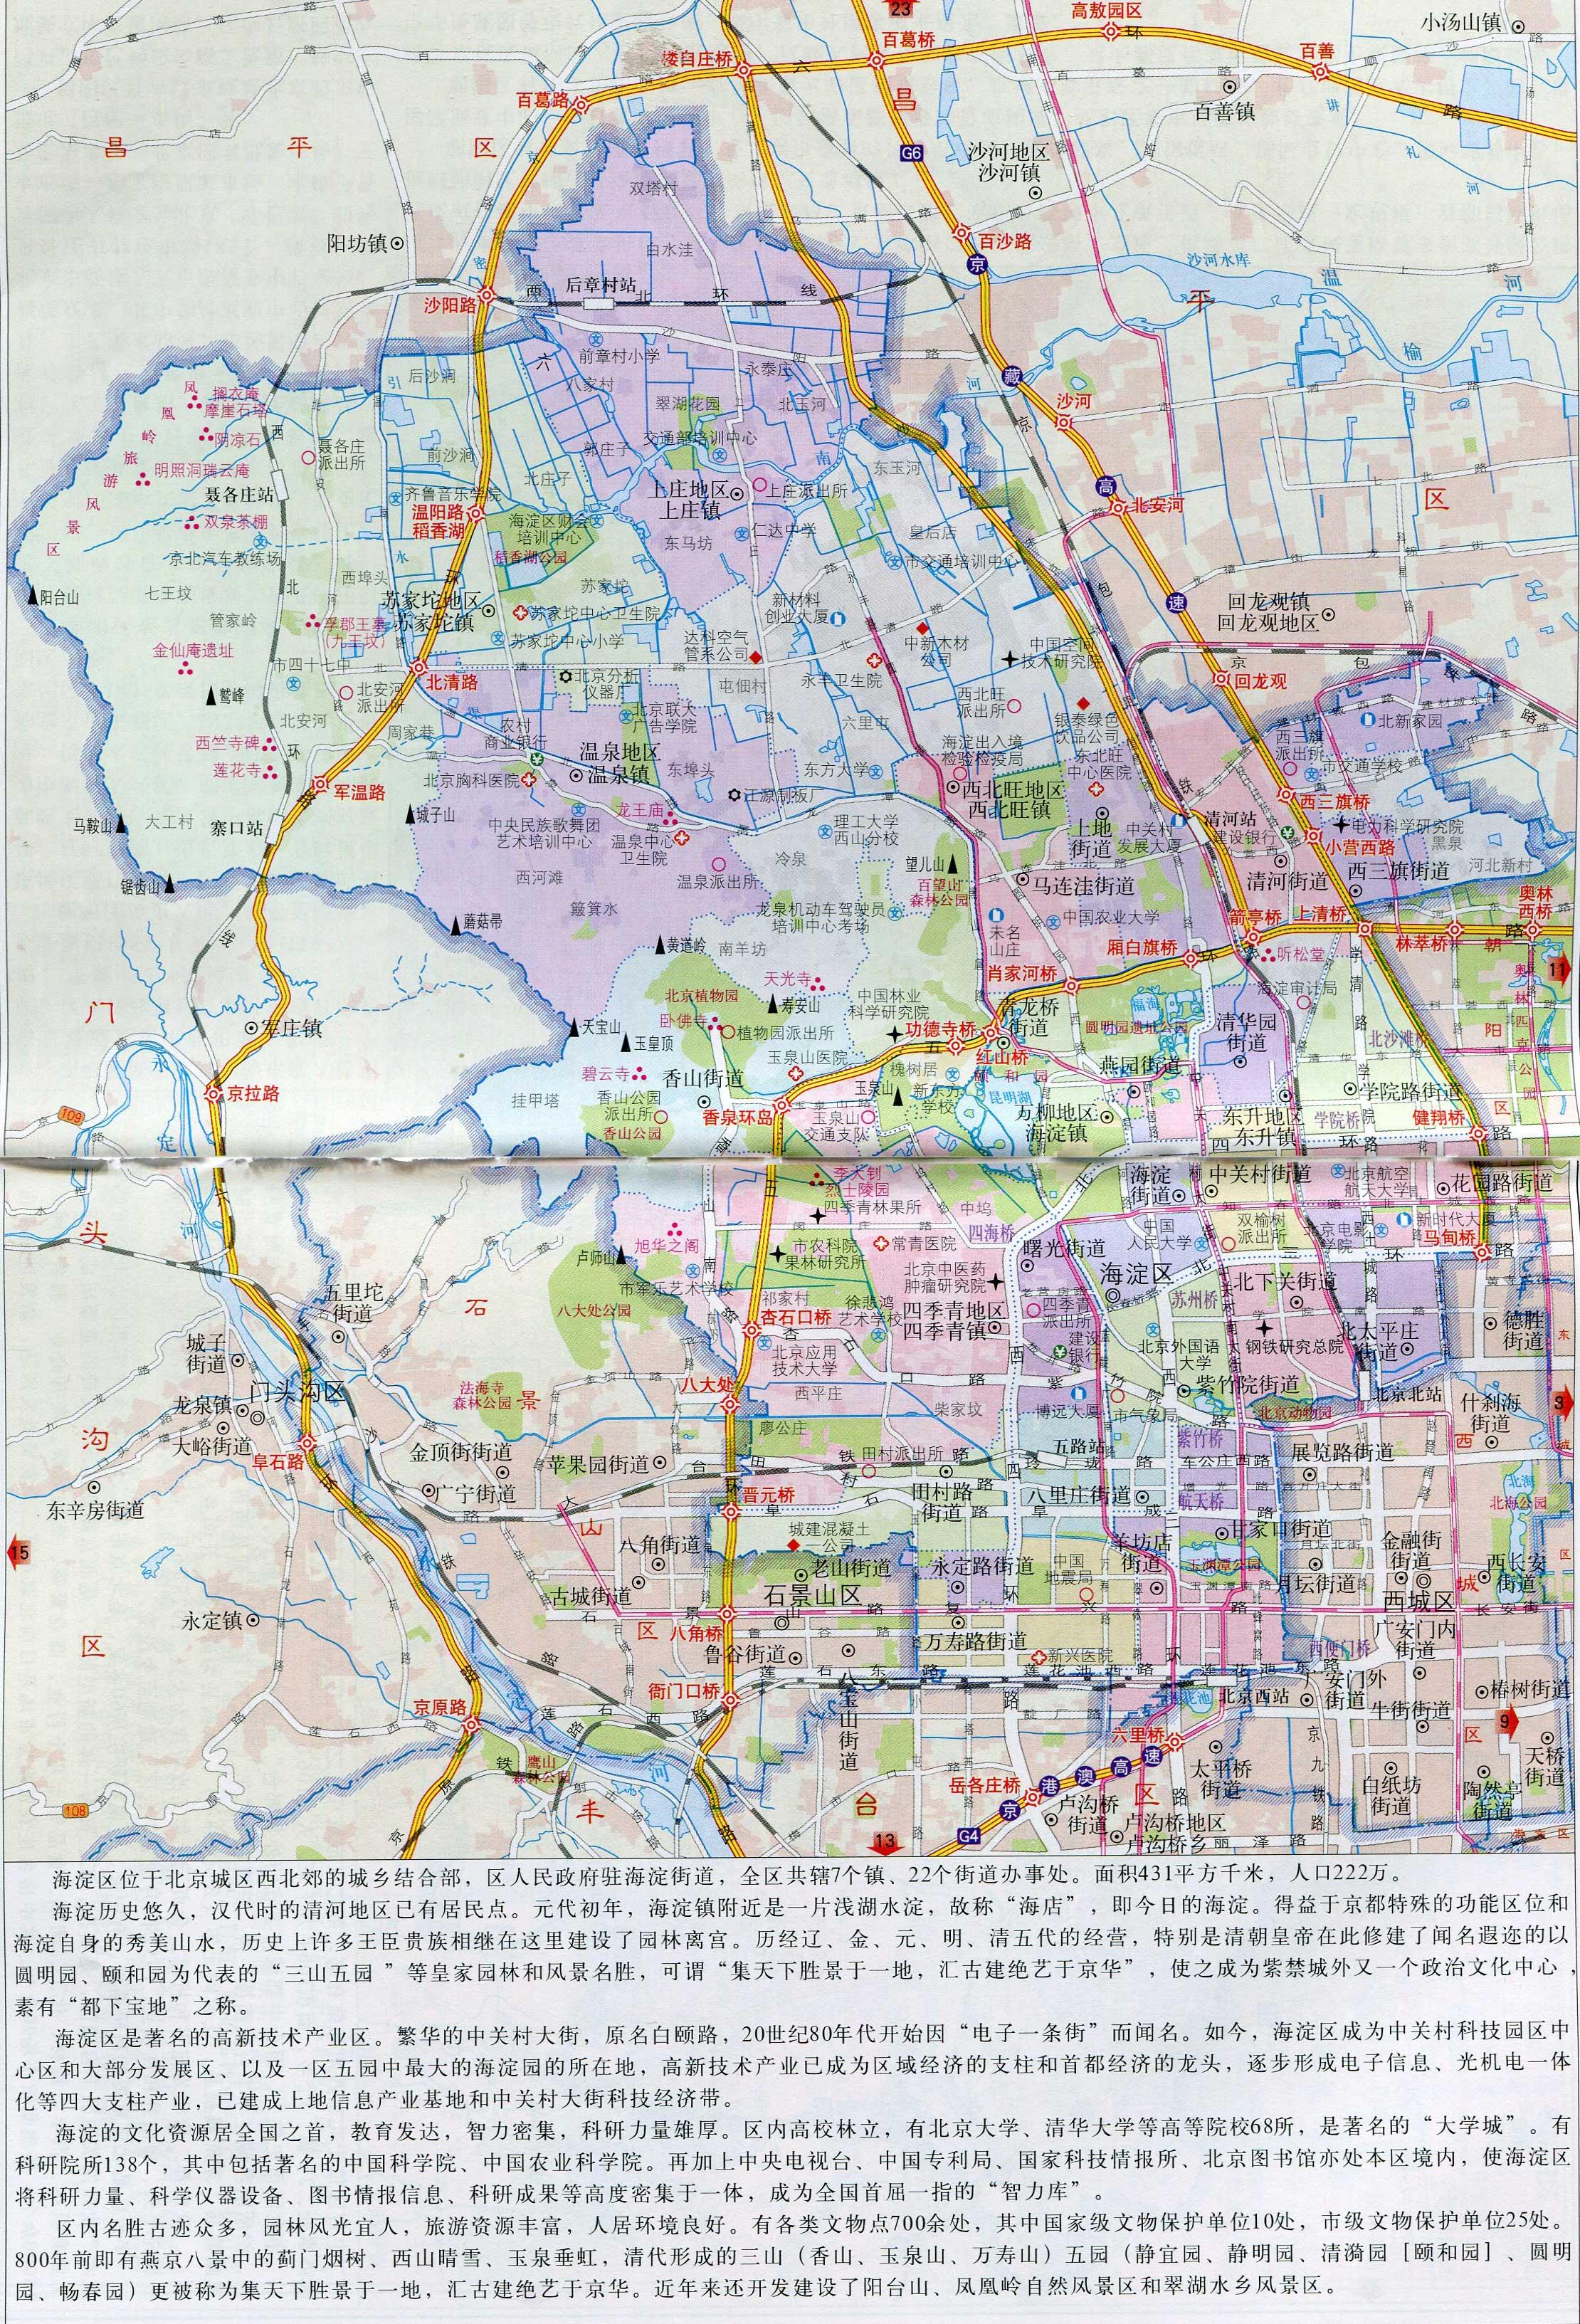 北京城区地图集 上一张地图